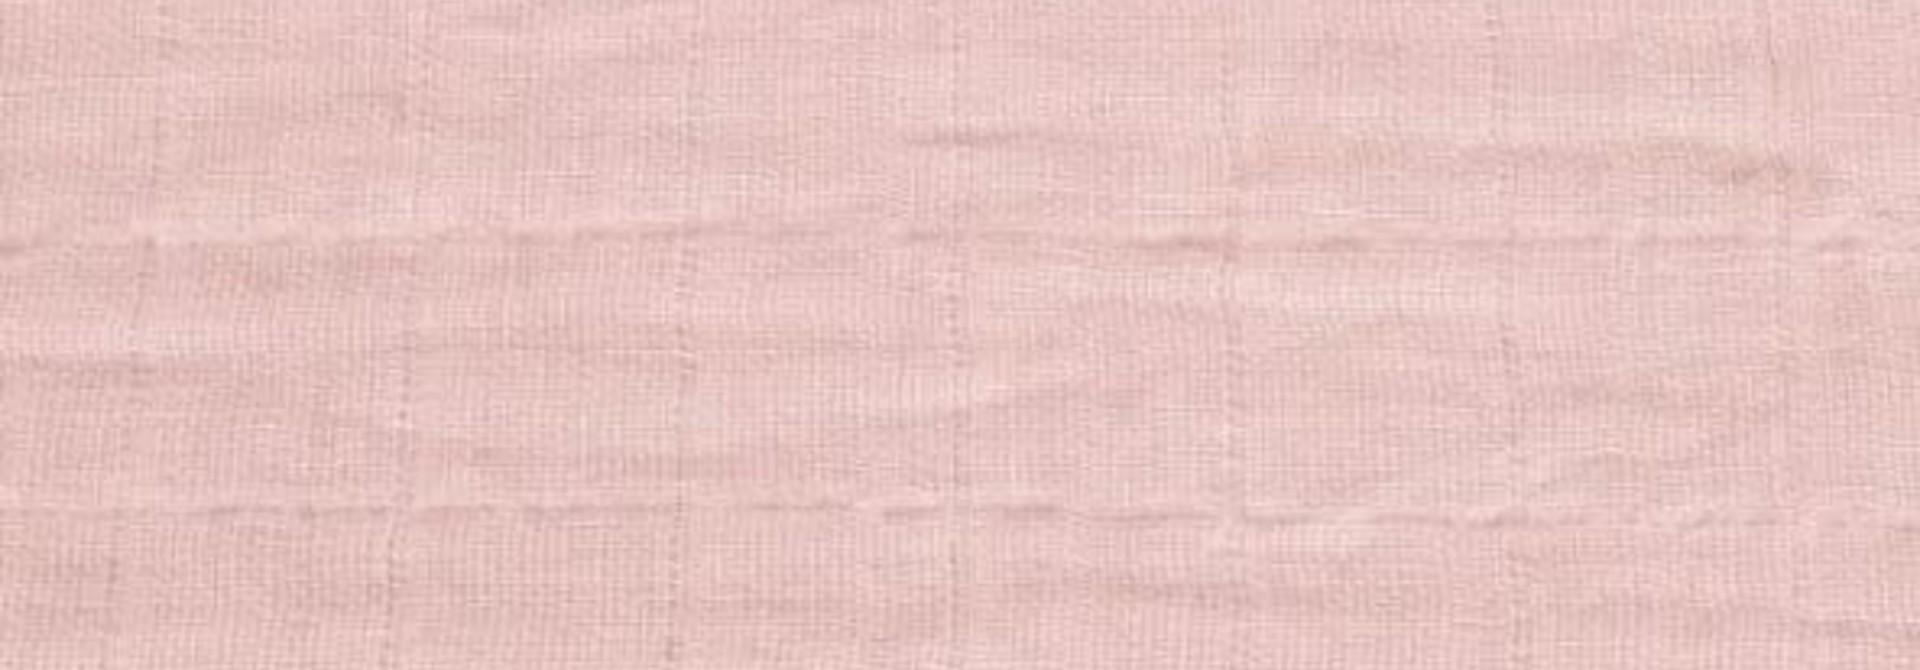 Drap contour en mousseline - Rose